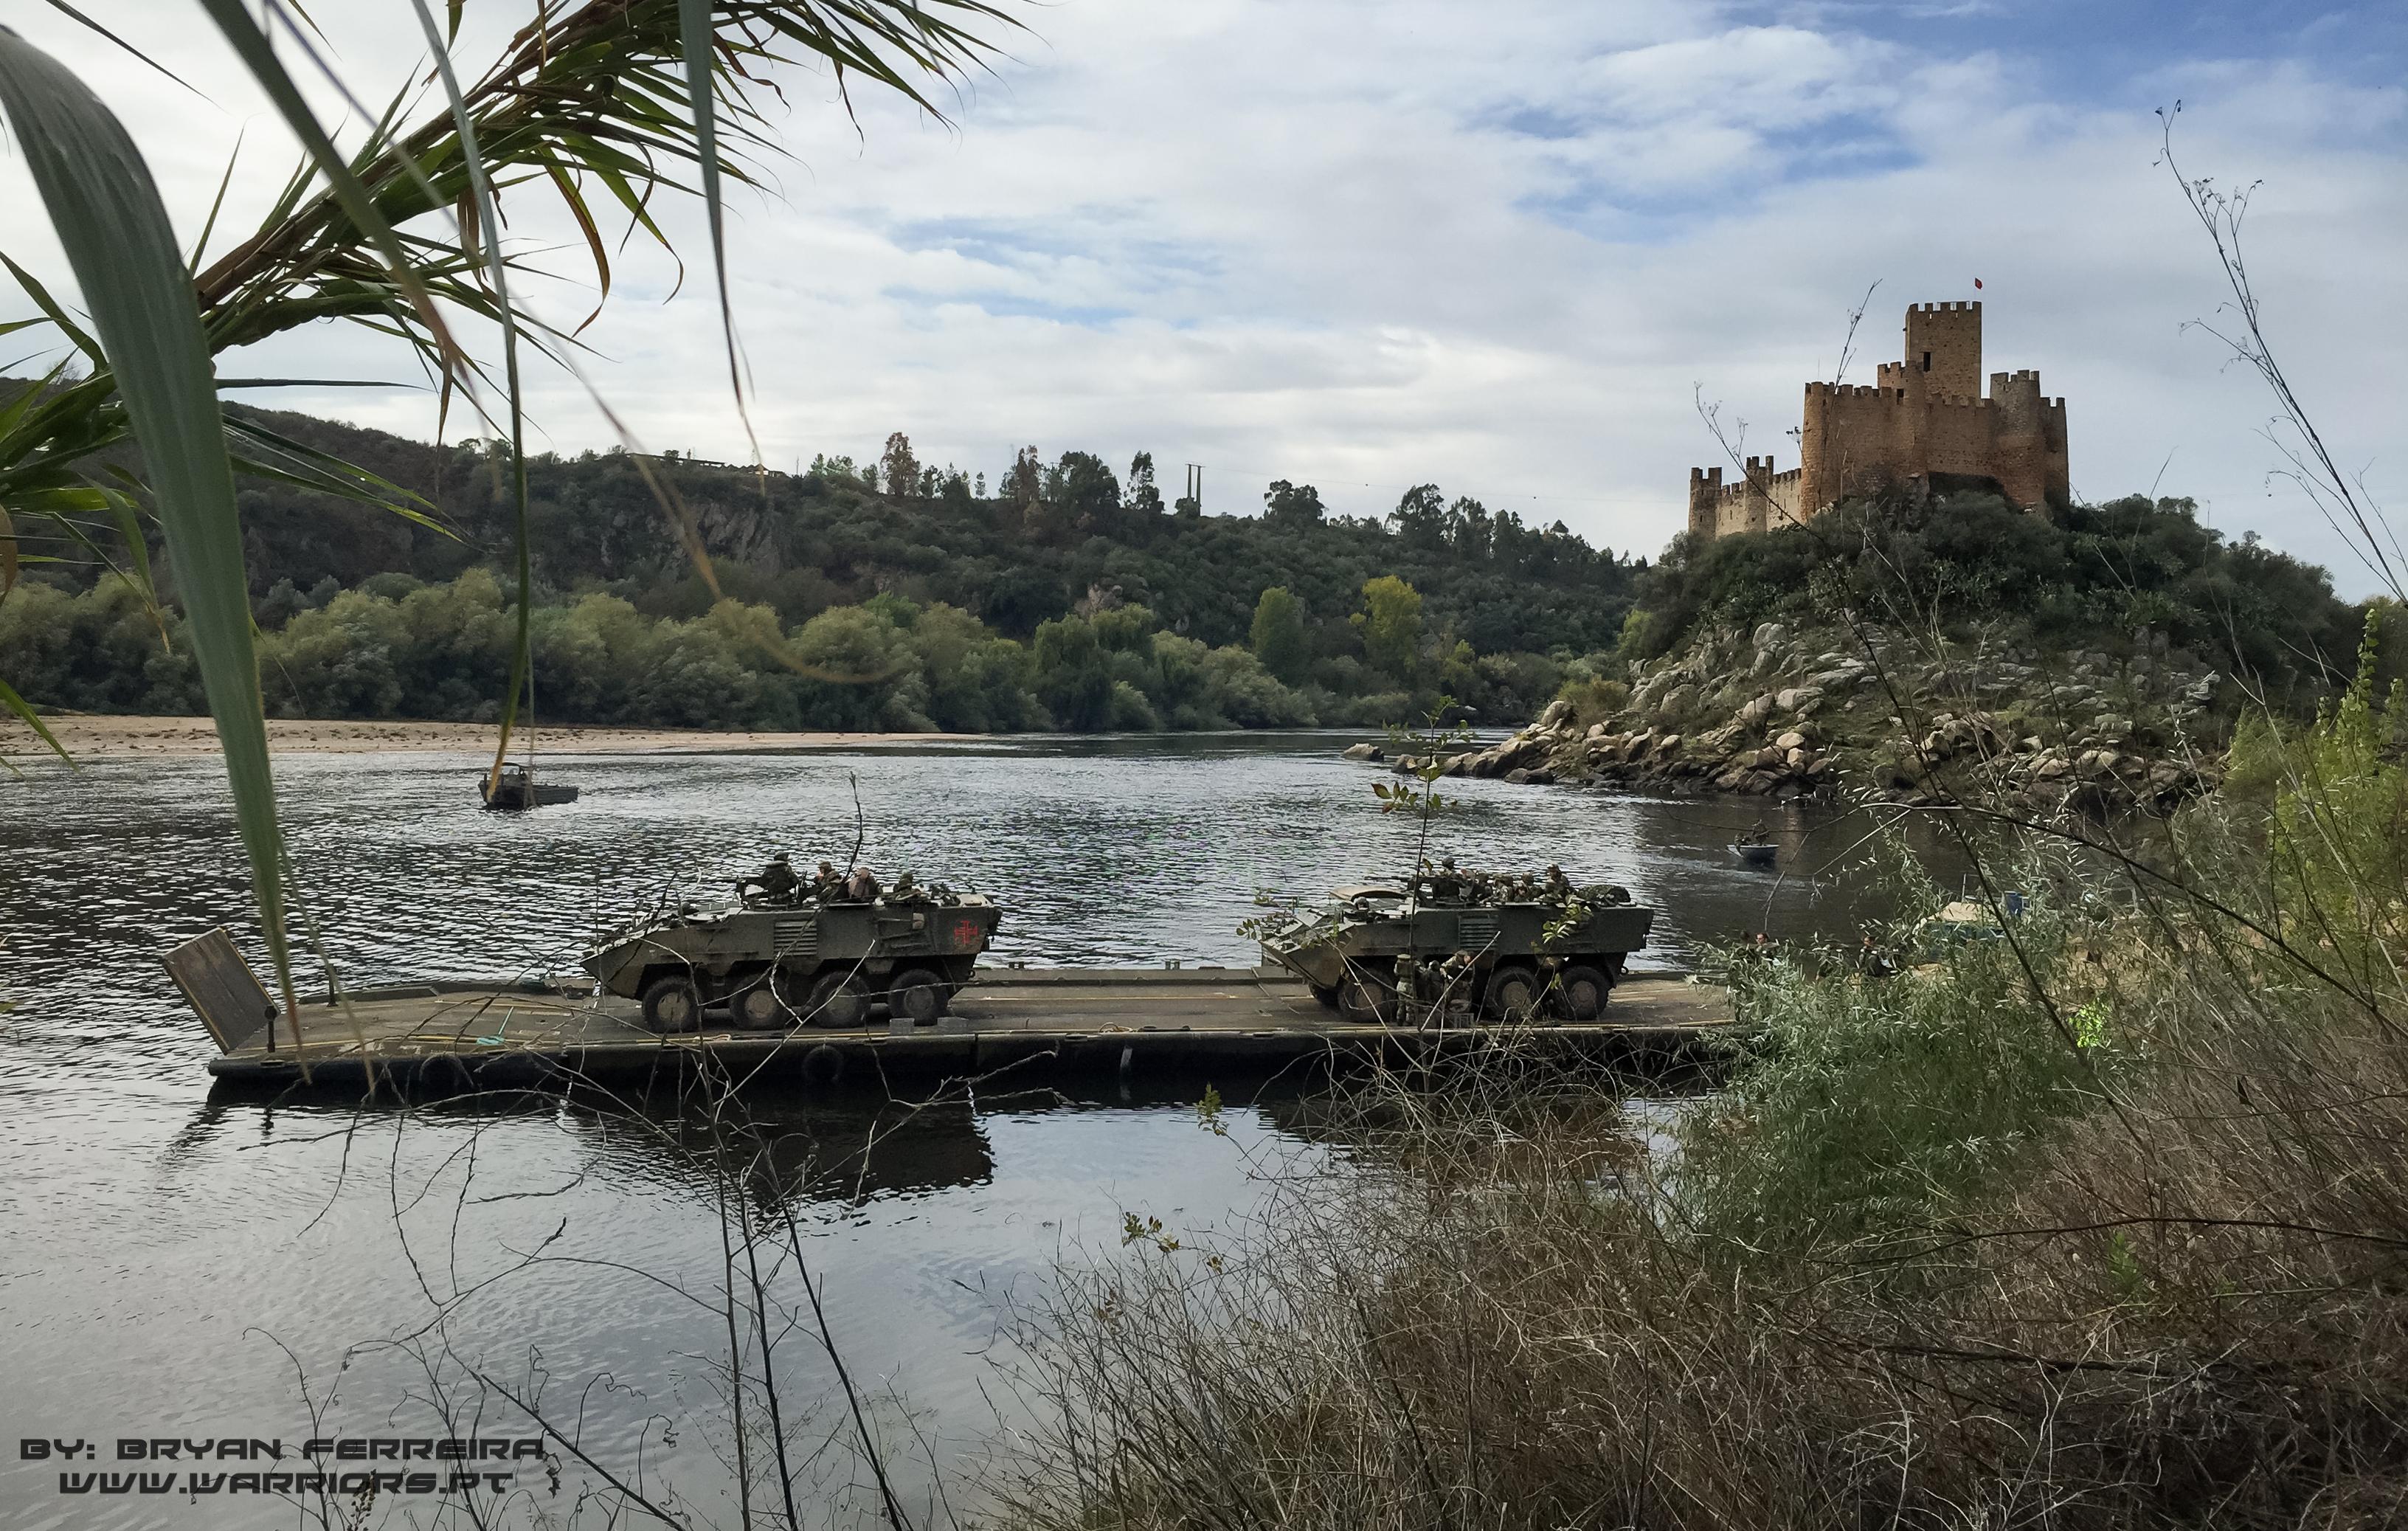 Duas PANDUR APC atravessam o Rio Tejo usando pontes flutoantes Portuguesas. Podemos ver o Castelo de Almourol ao fundo.